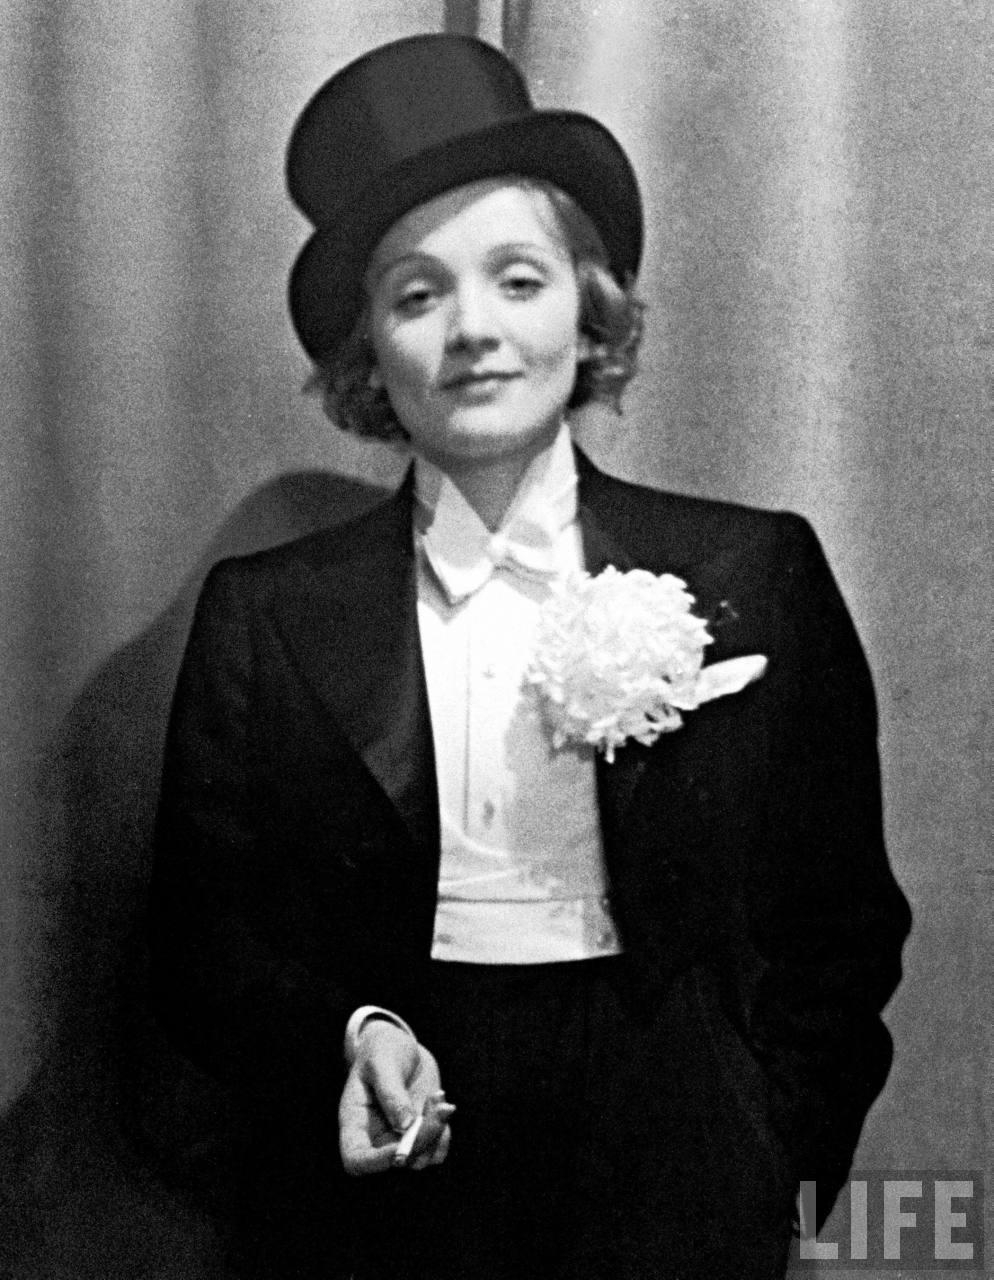 Marlene Dietrich Annex2: Women's Tuxedos & Tailcoats